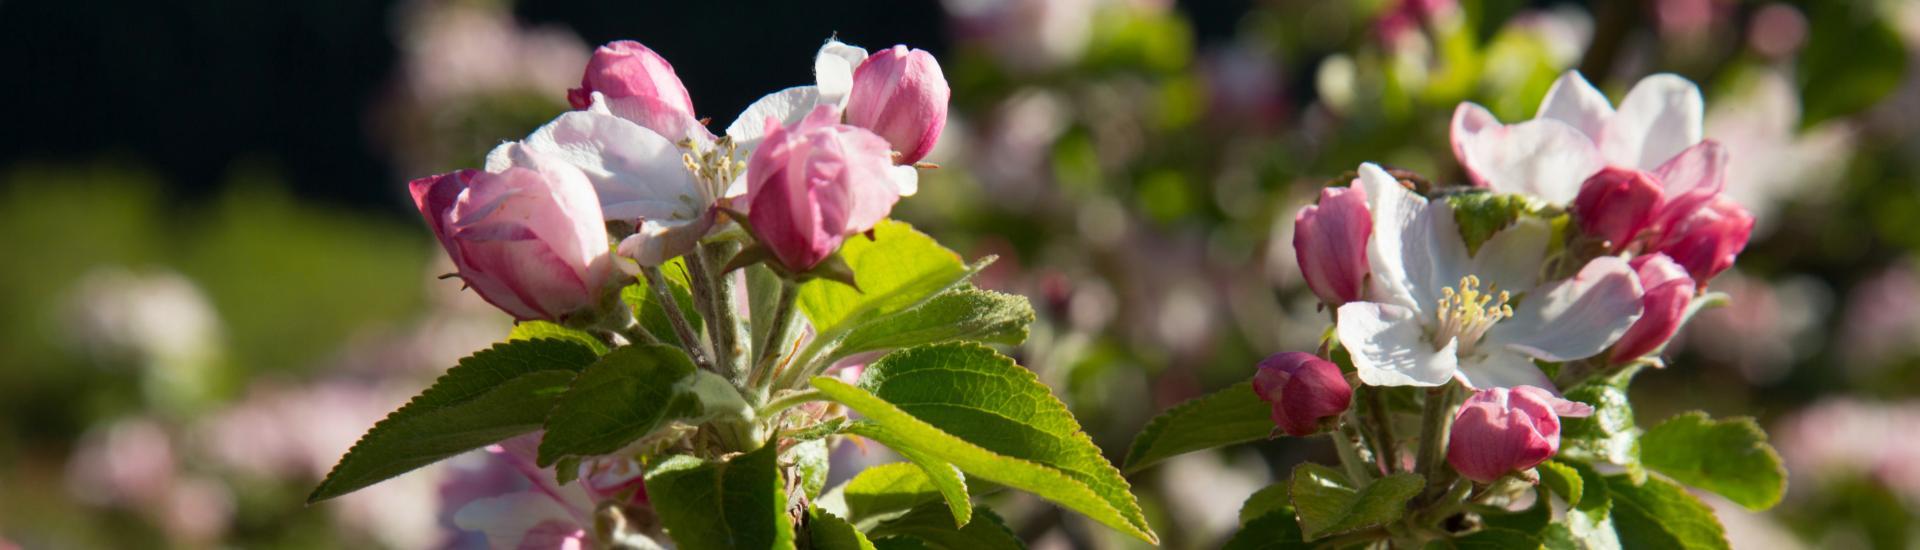 Verger en fleurs à Miolles